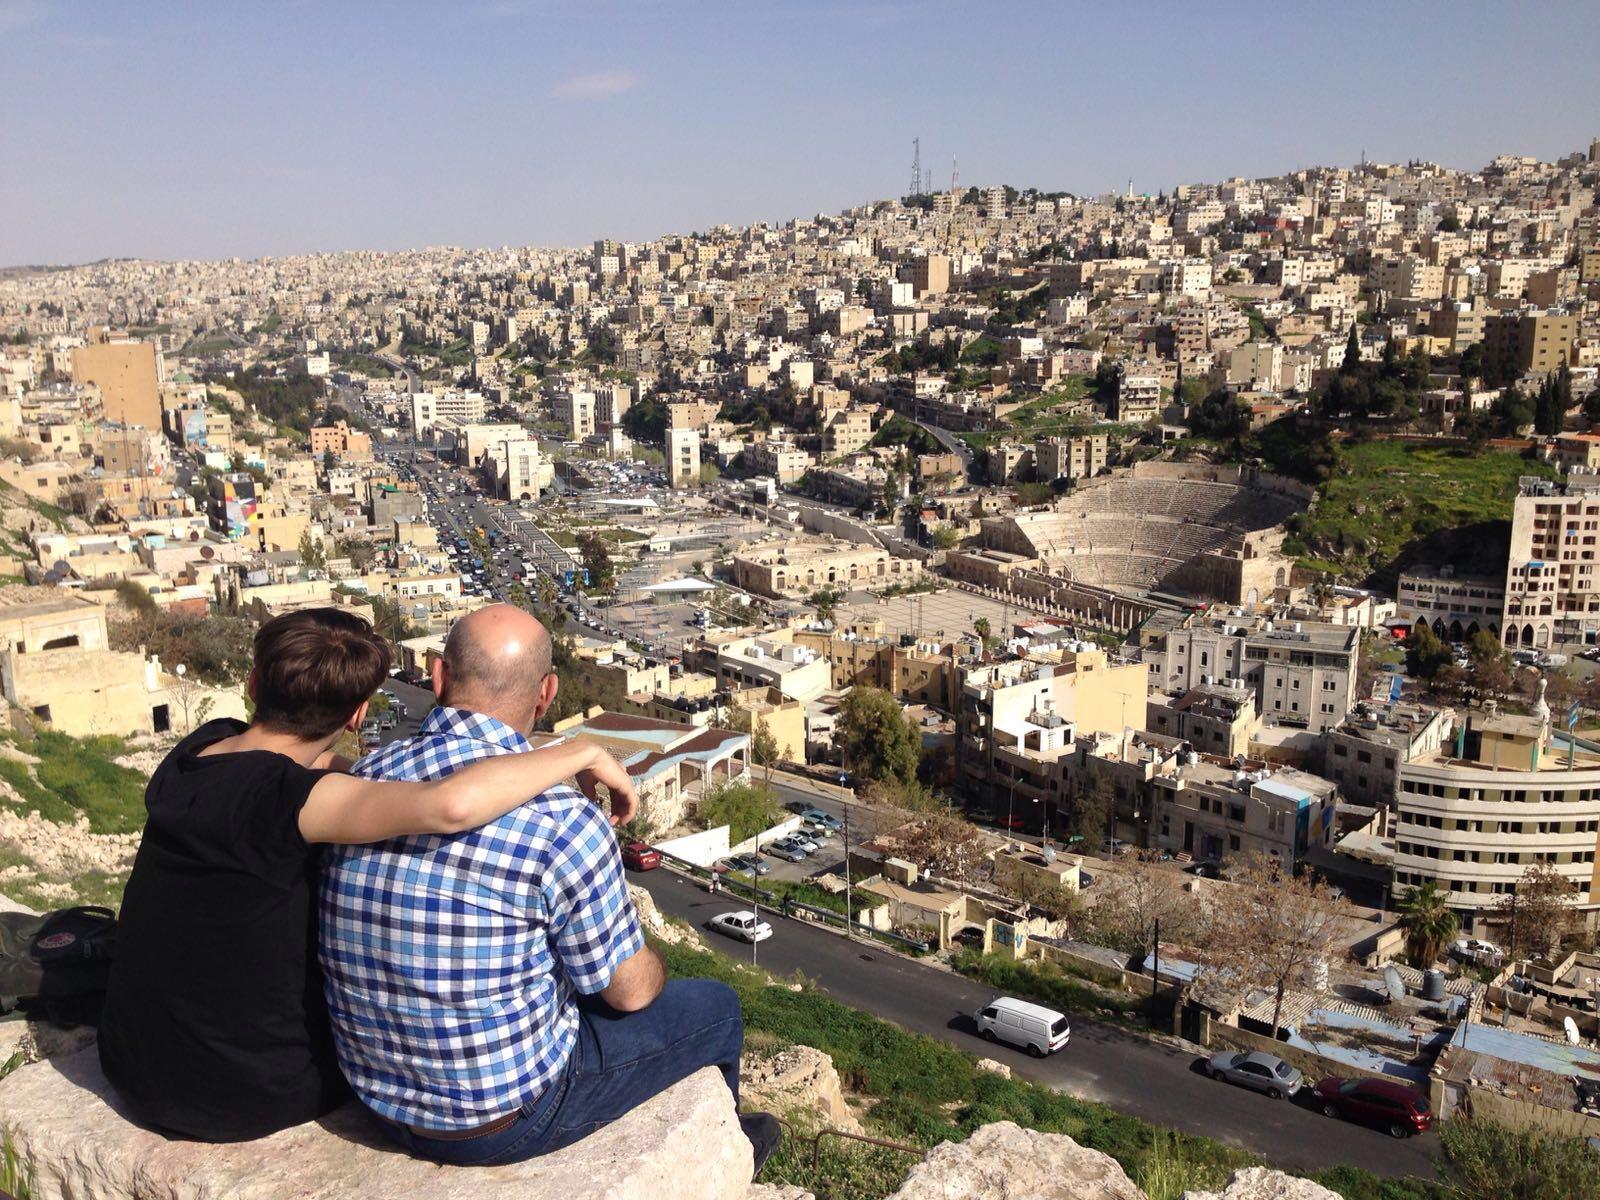 Mensen kijken vanaf Citadel uit over de stad Amman, Amman, Jordanië